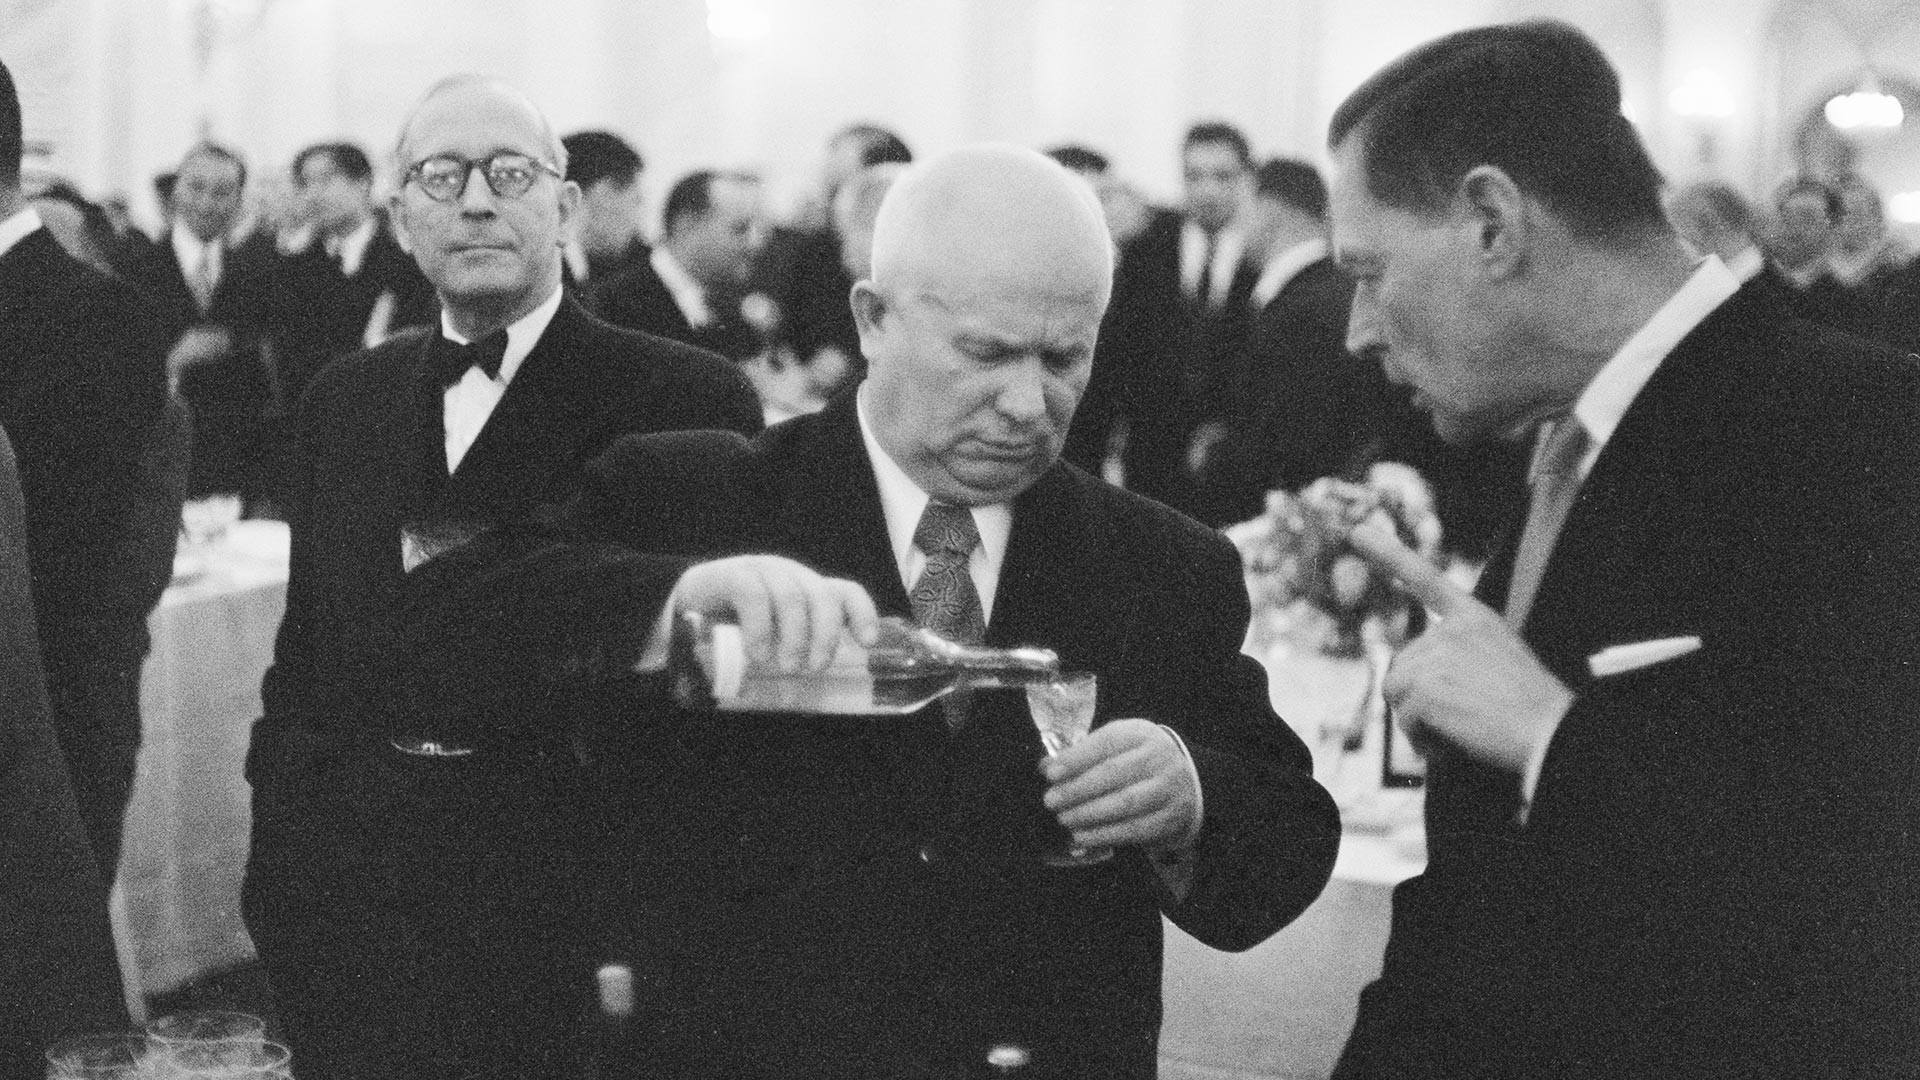 Совјетски лидер Никита Хрушчов (1894 - 1971, лево) пије са Чарлсом Боленом (1904-1974), амбасадором САД у Совјетском Савезу, на званичном пријему, око 1955.